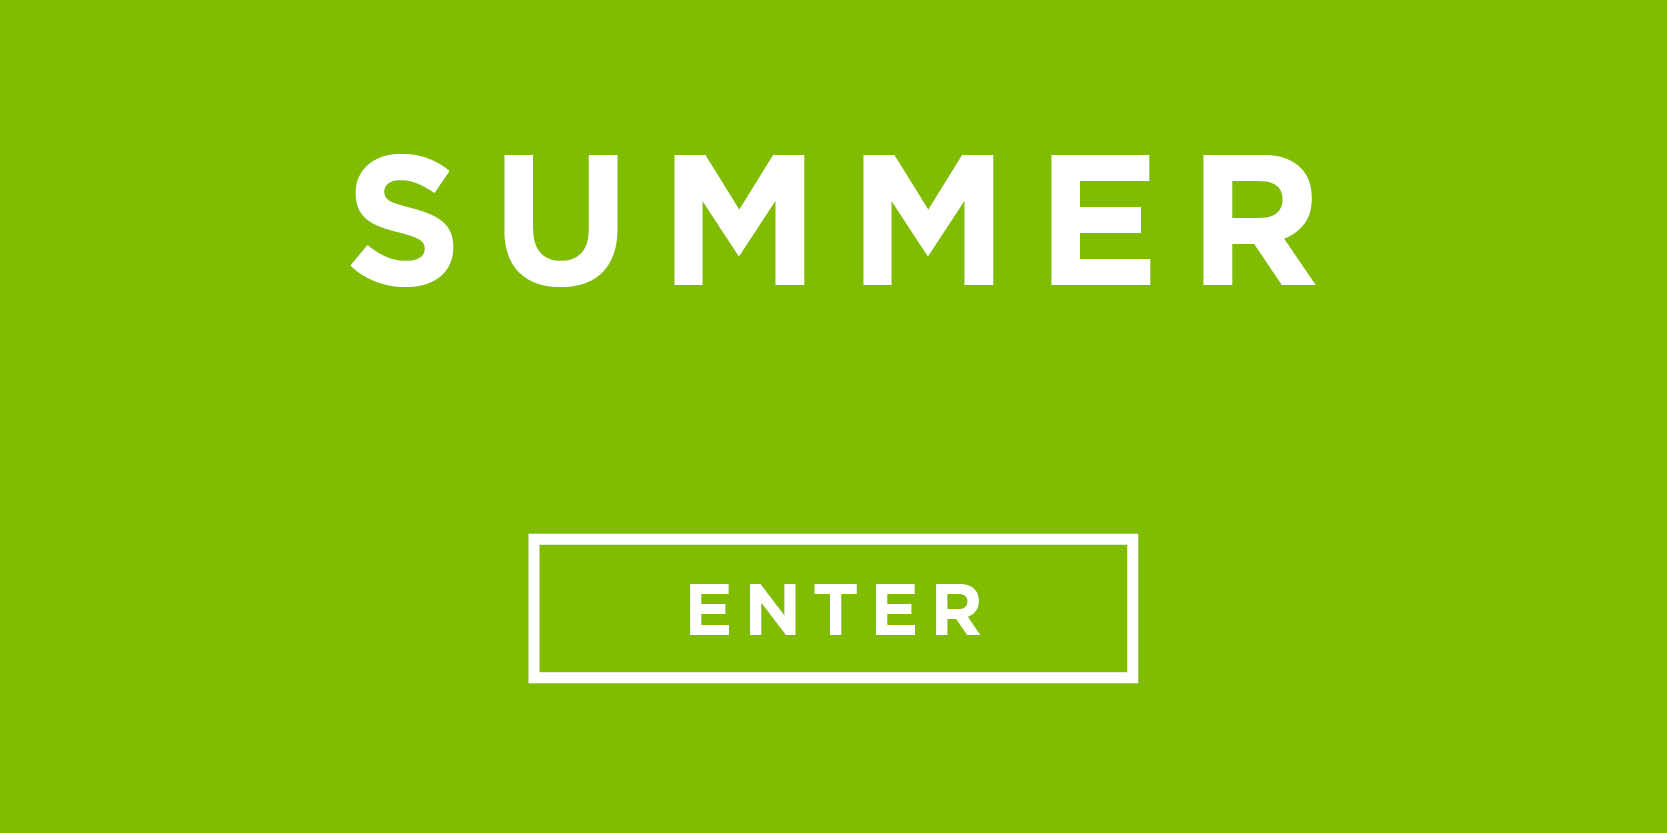 summer enter.jpg